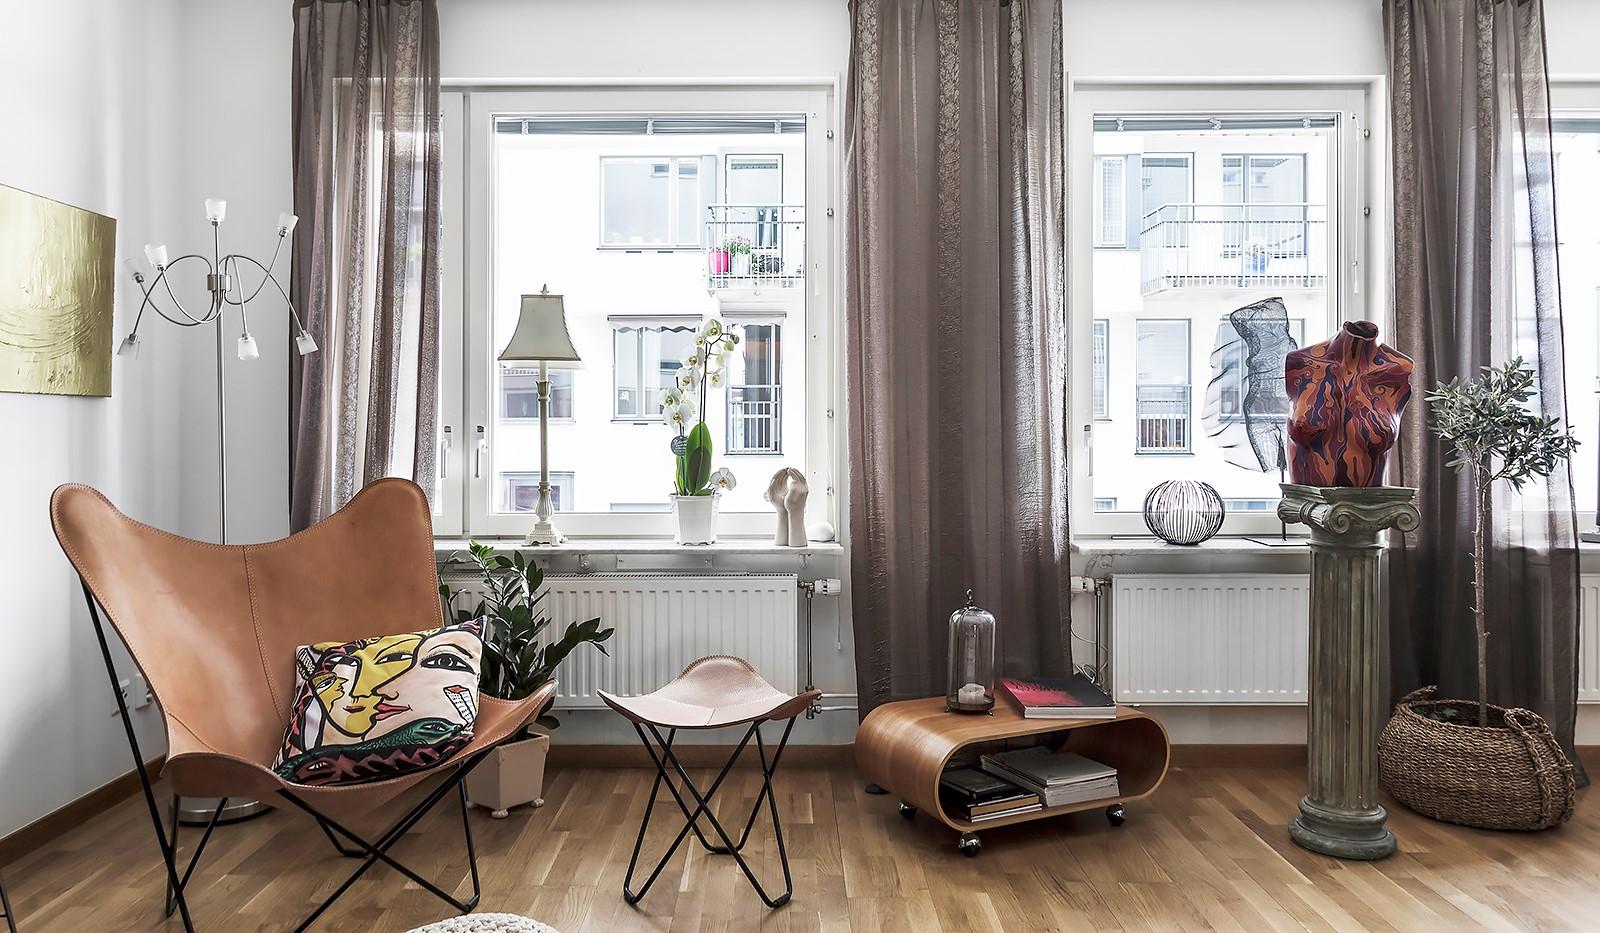 Vinodlargatan 7, 1tr - Härligt ljusinsläpp i vardagsrummet